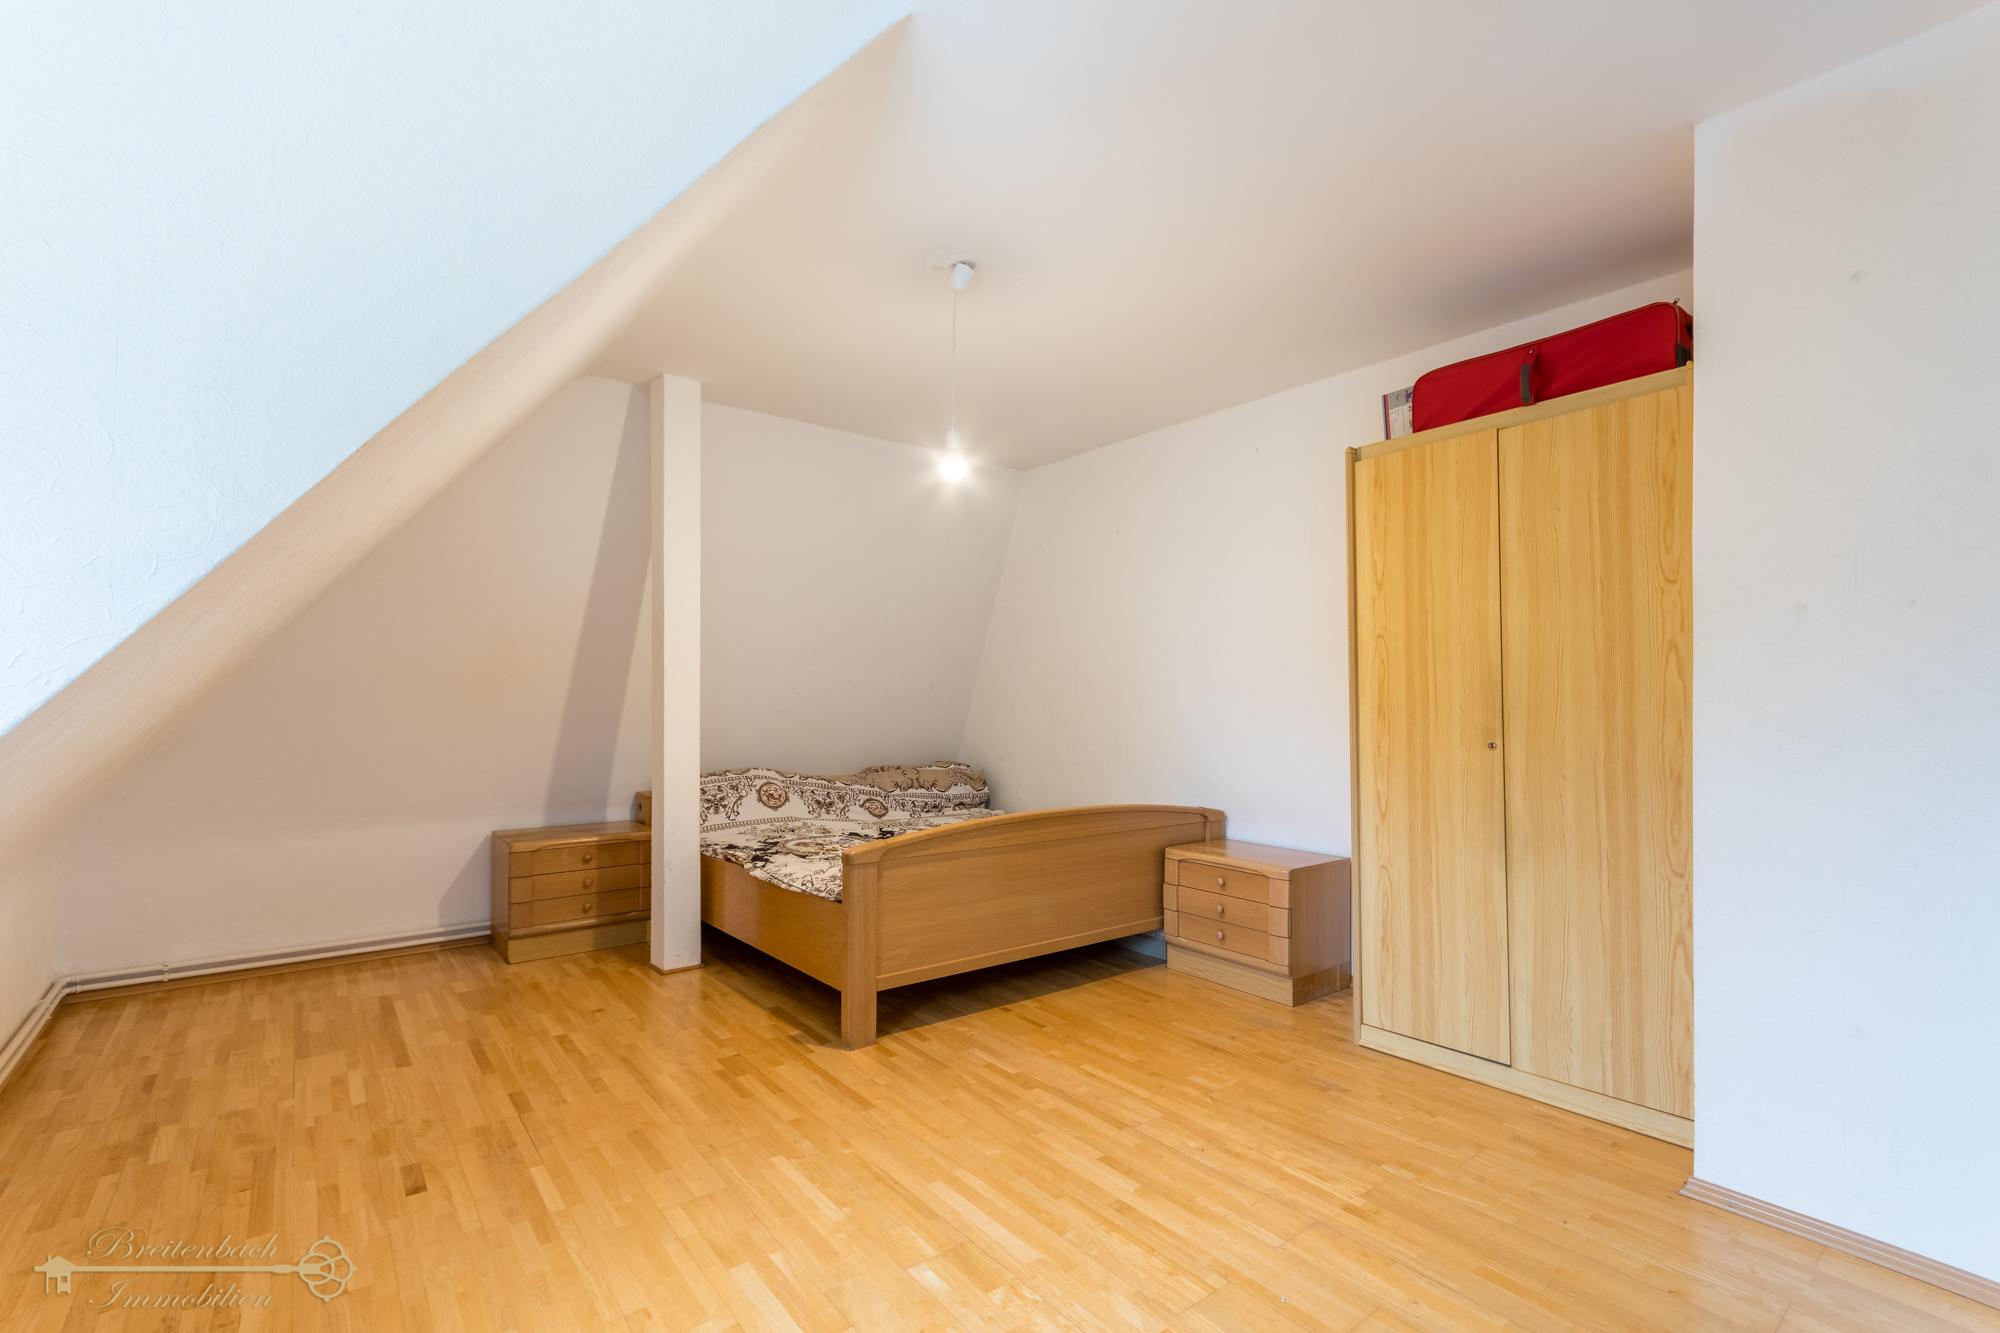 2020-11-21-Breitenbach-Immobilien-10